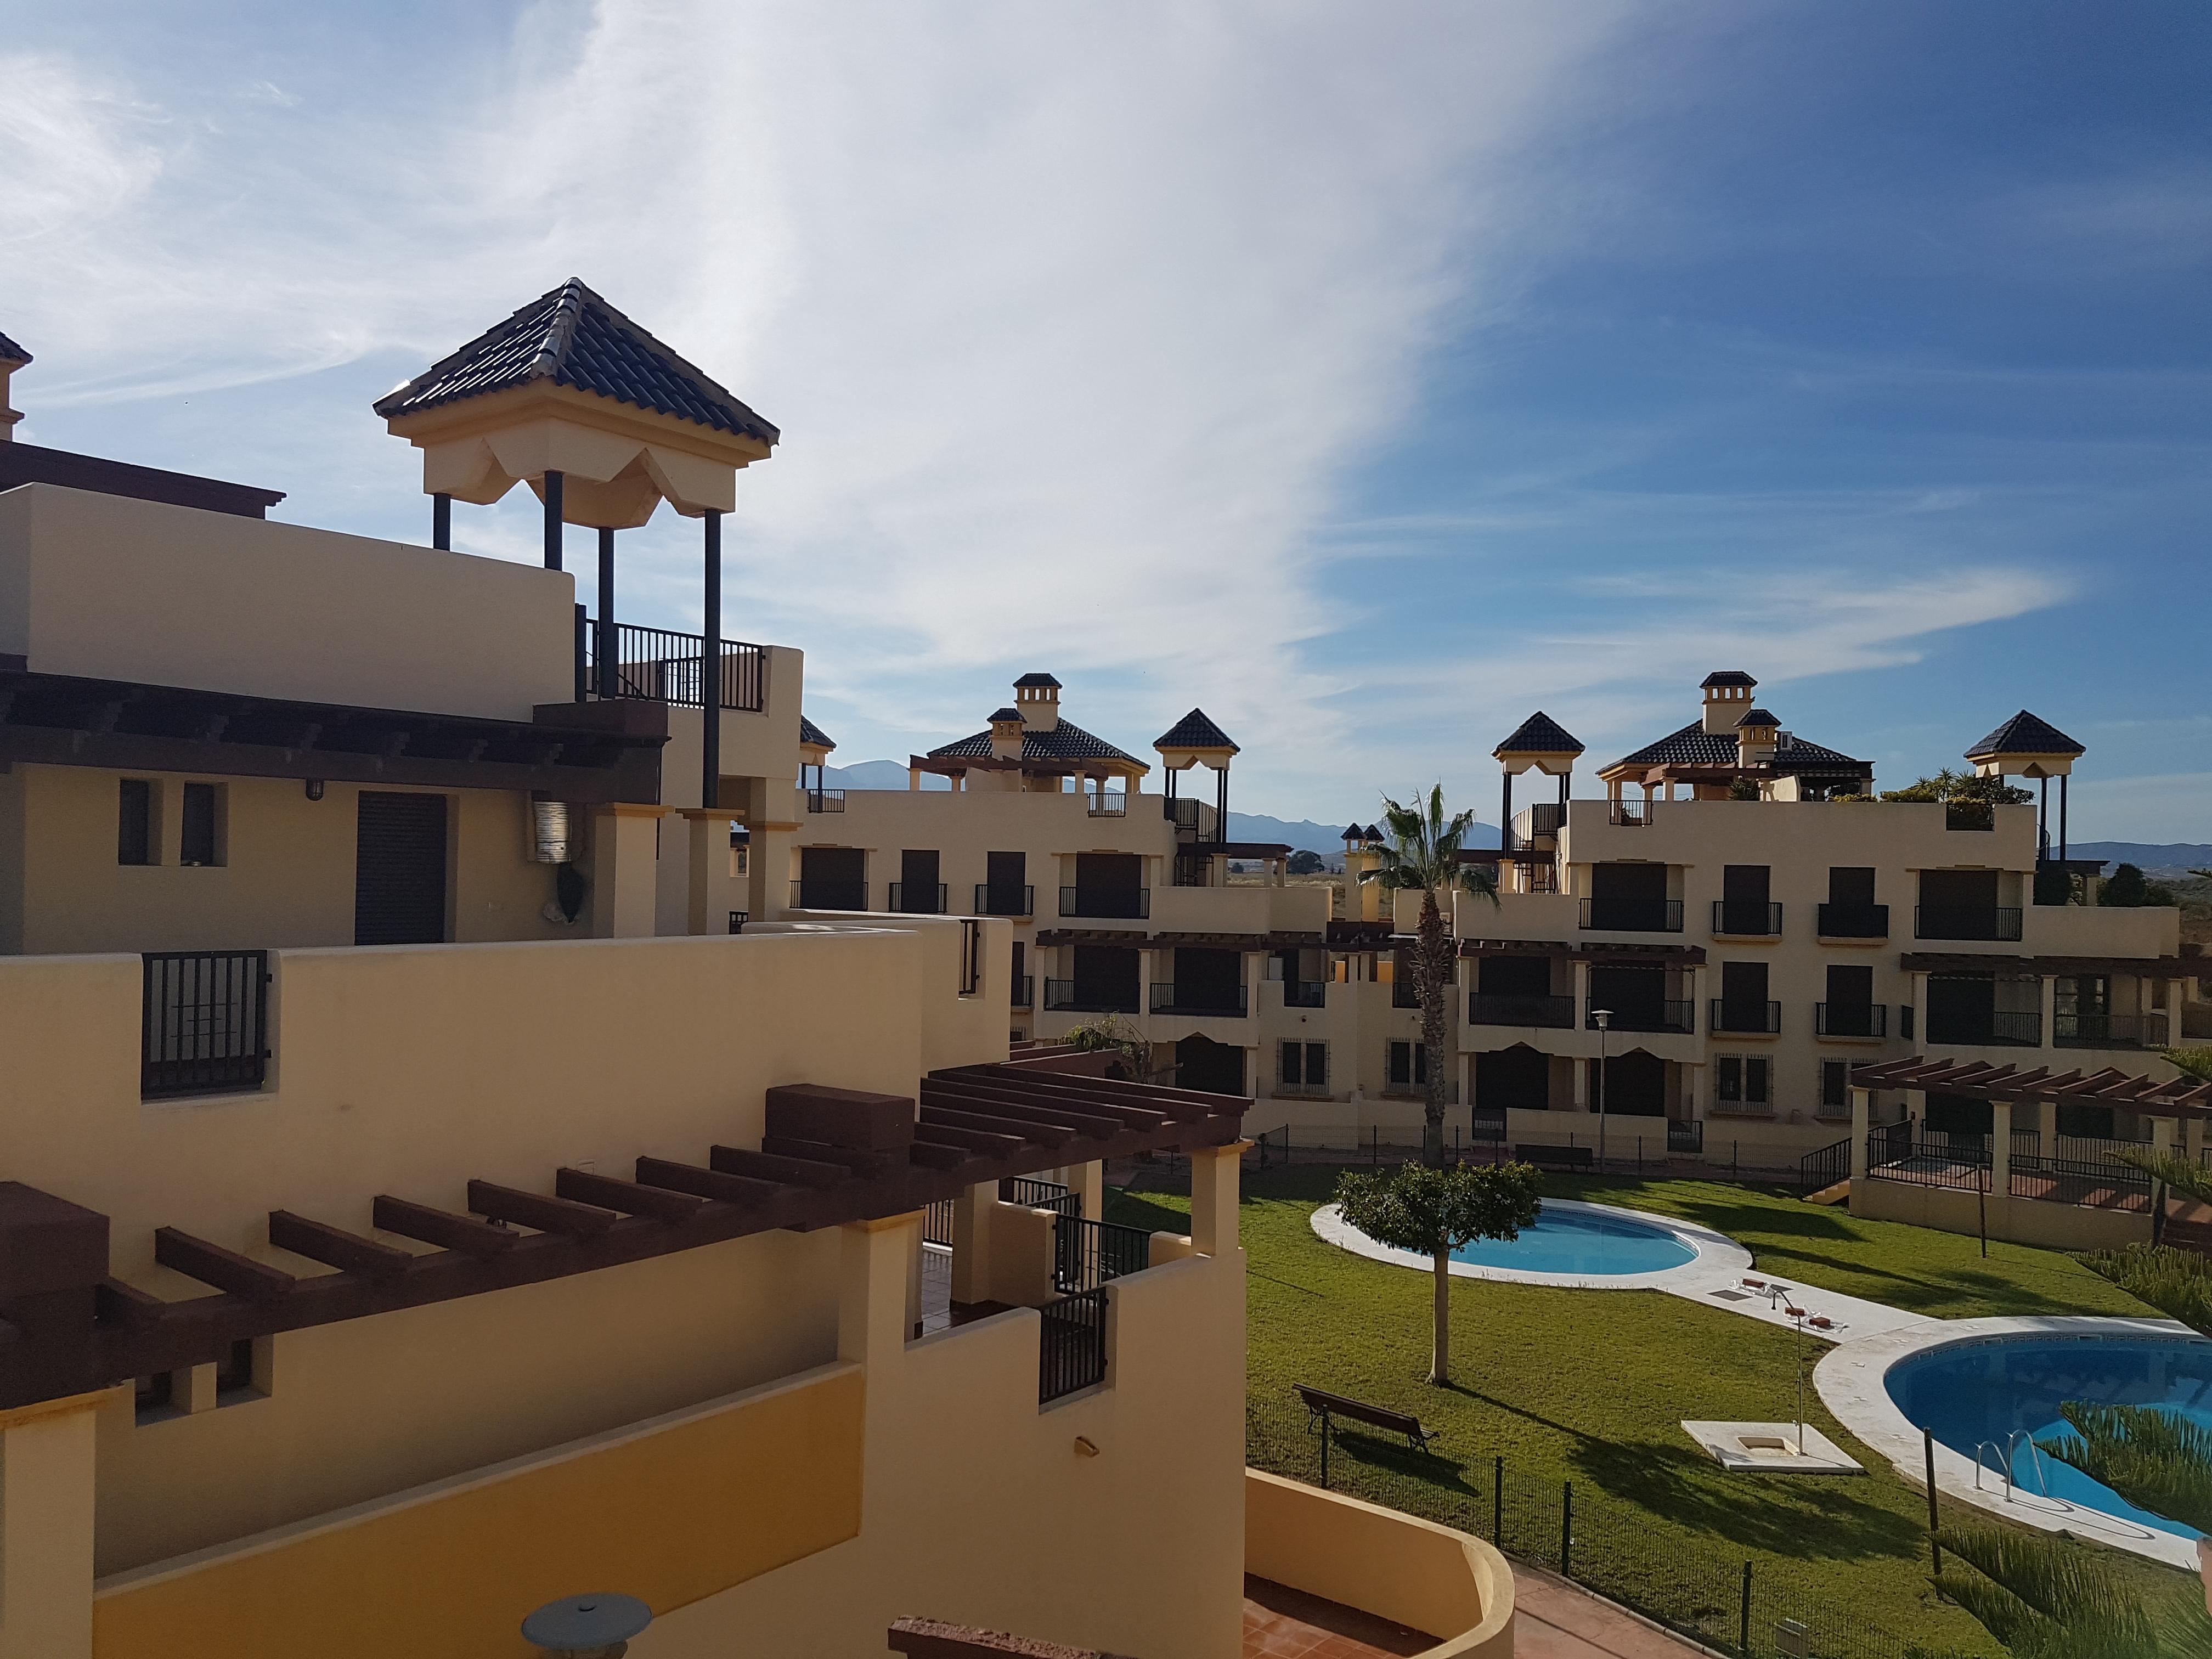 Piso en venta en Puerto del Rey, Vera, Almería, Avenida Puerto Rey, 119.000 €, 2 habitaciones, 2 baños, 93 m2